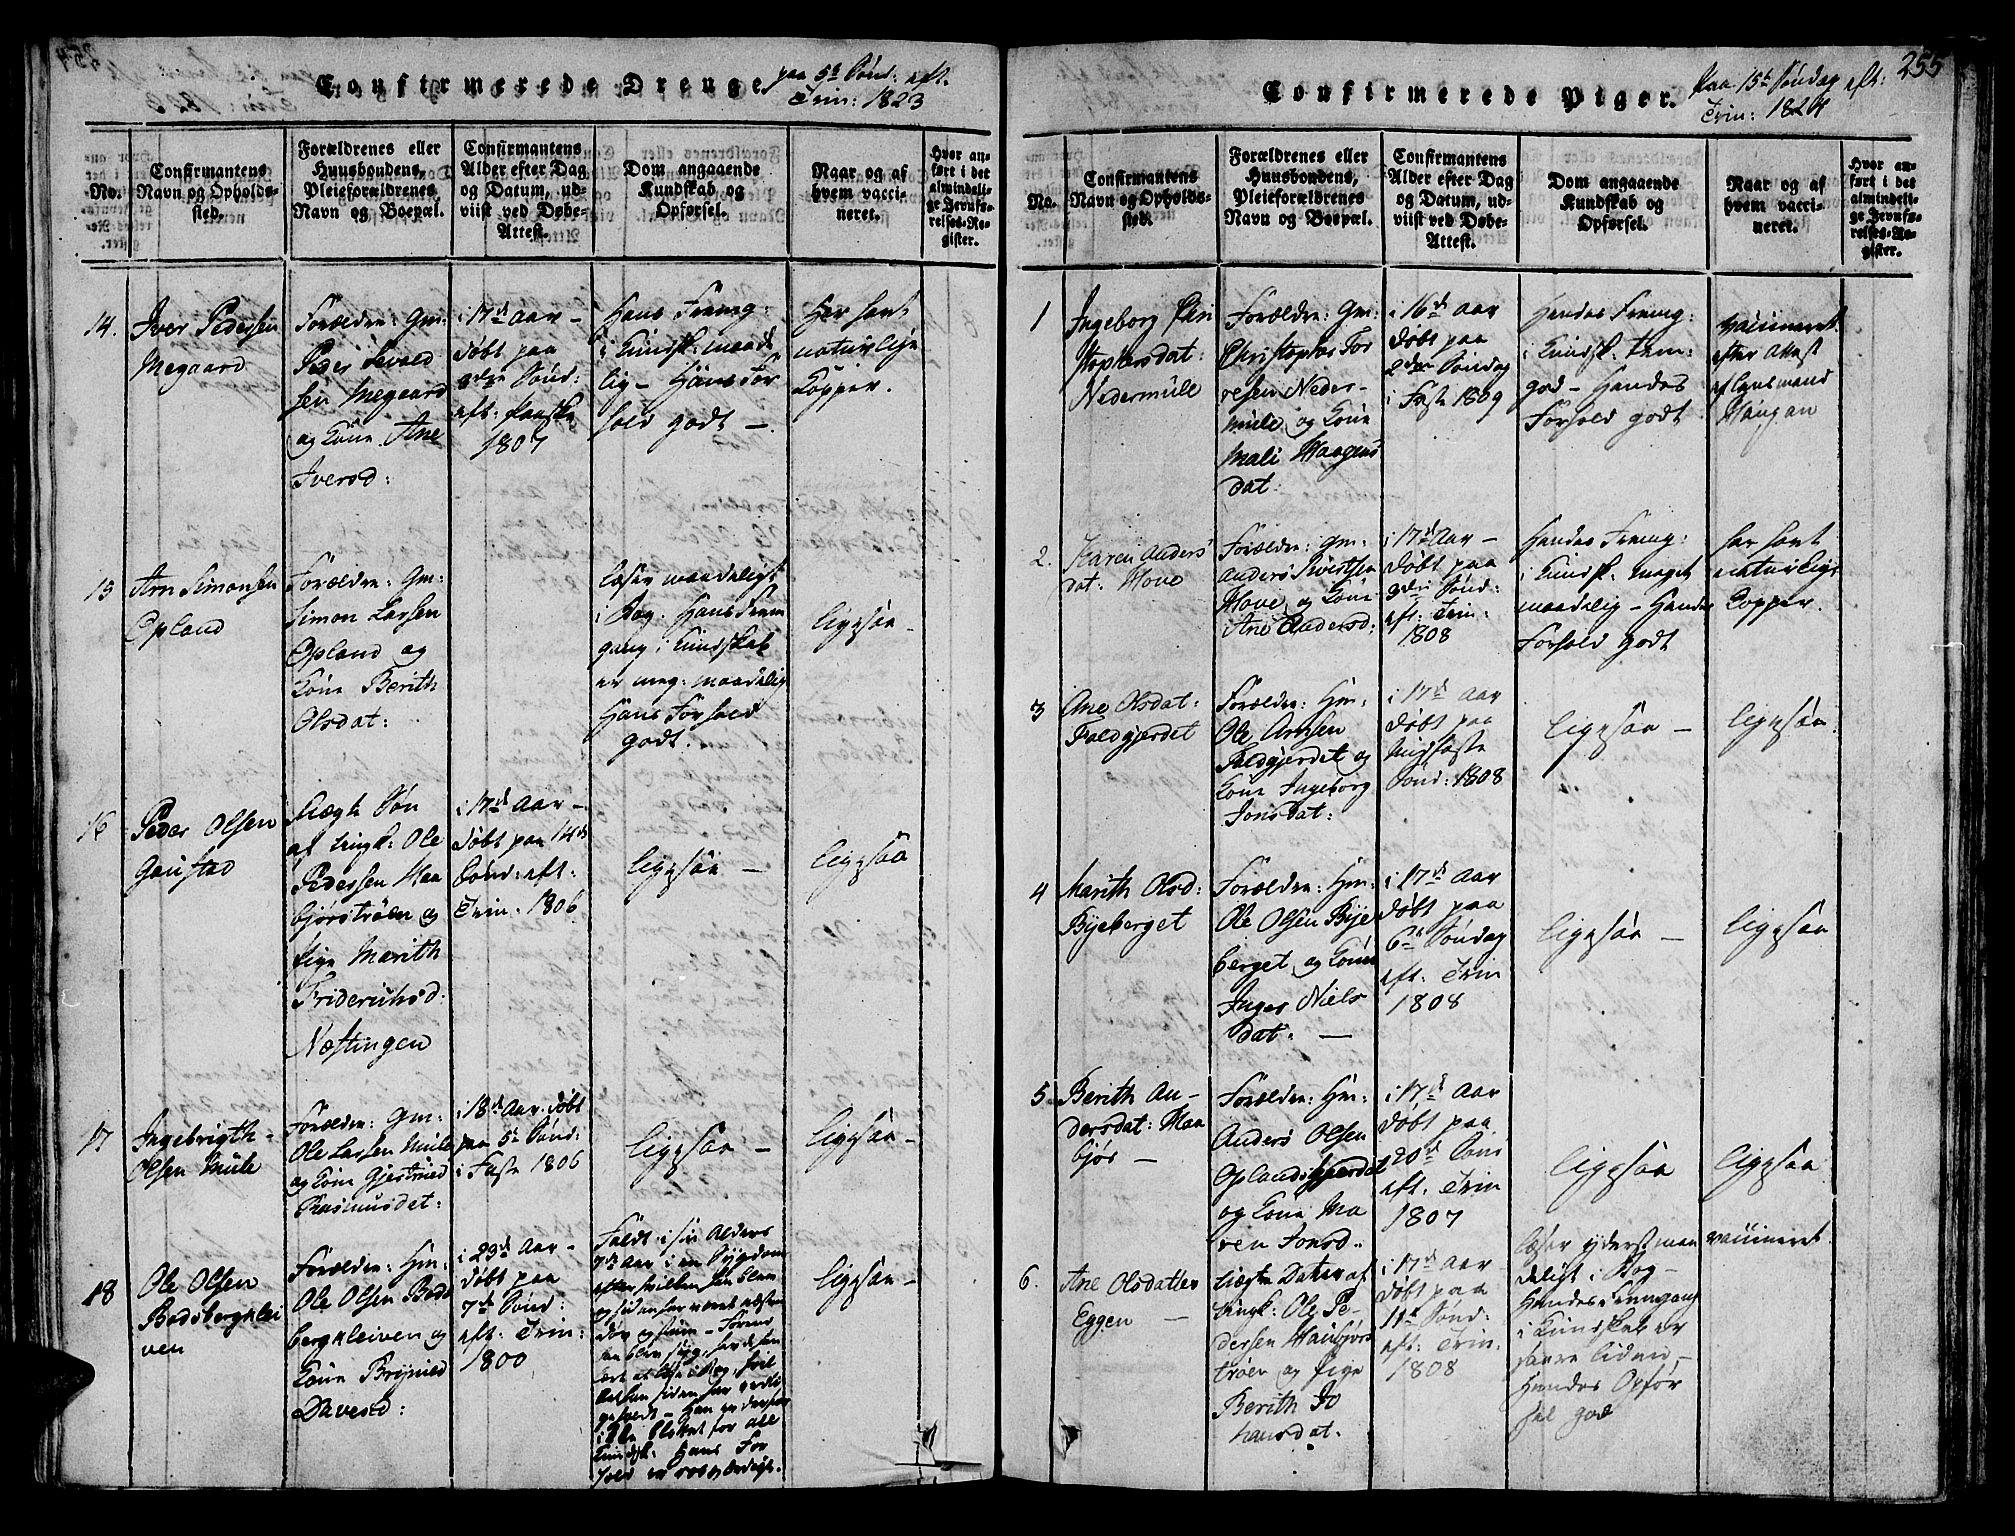 SAT, Ministerialprotokoller, klokkerbøker og fødselsregistre - Sør-Trøndelag, 612/L0372: Ministerialbok nr. 612A06 /1, 1816-1828, s. 255